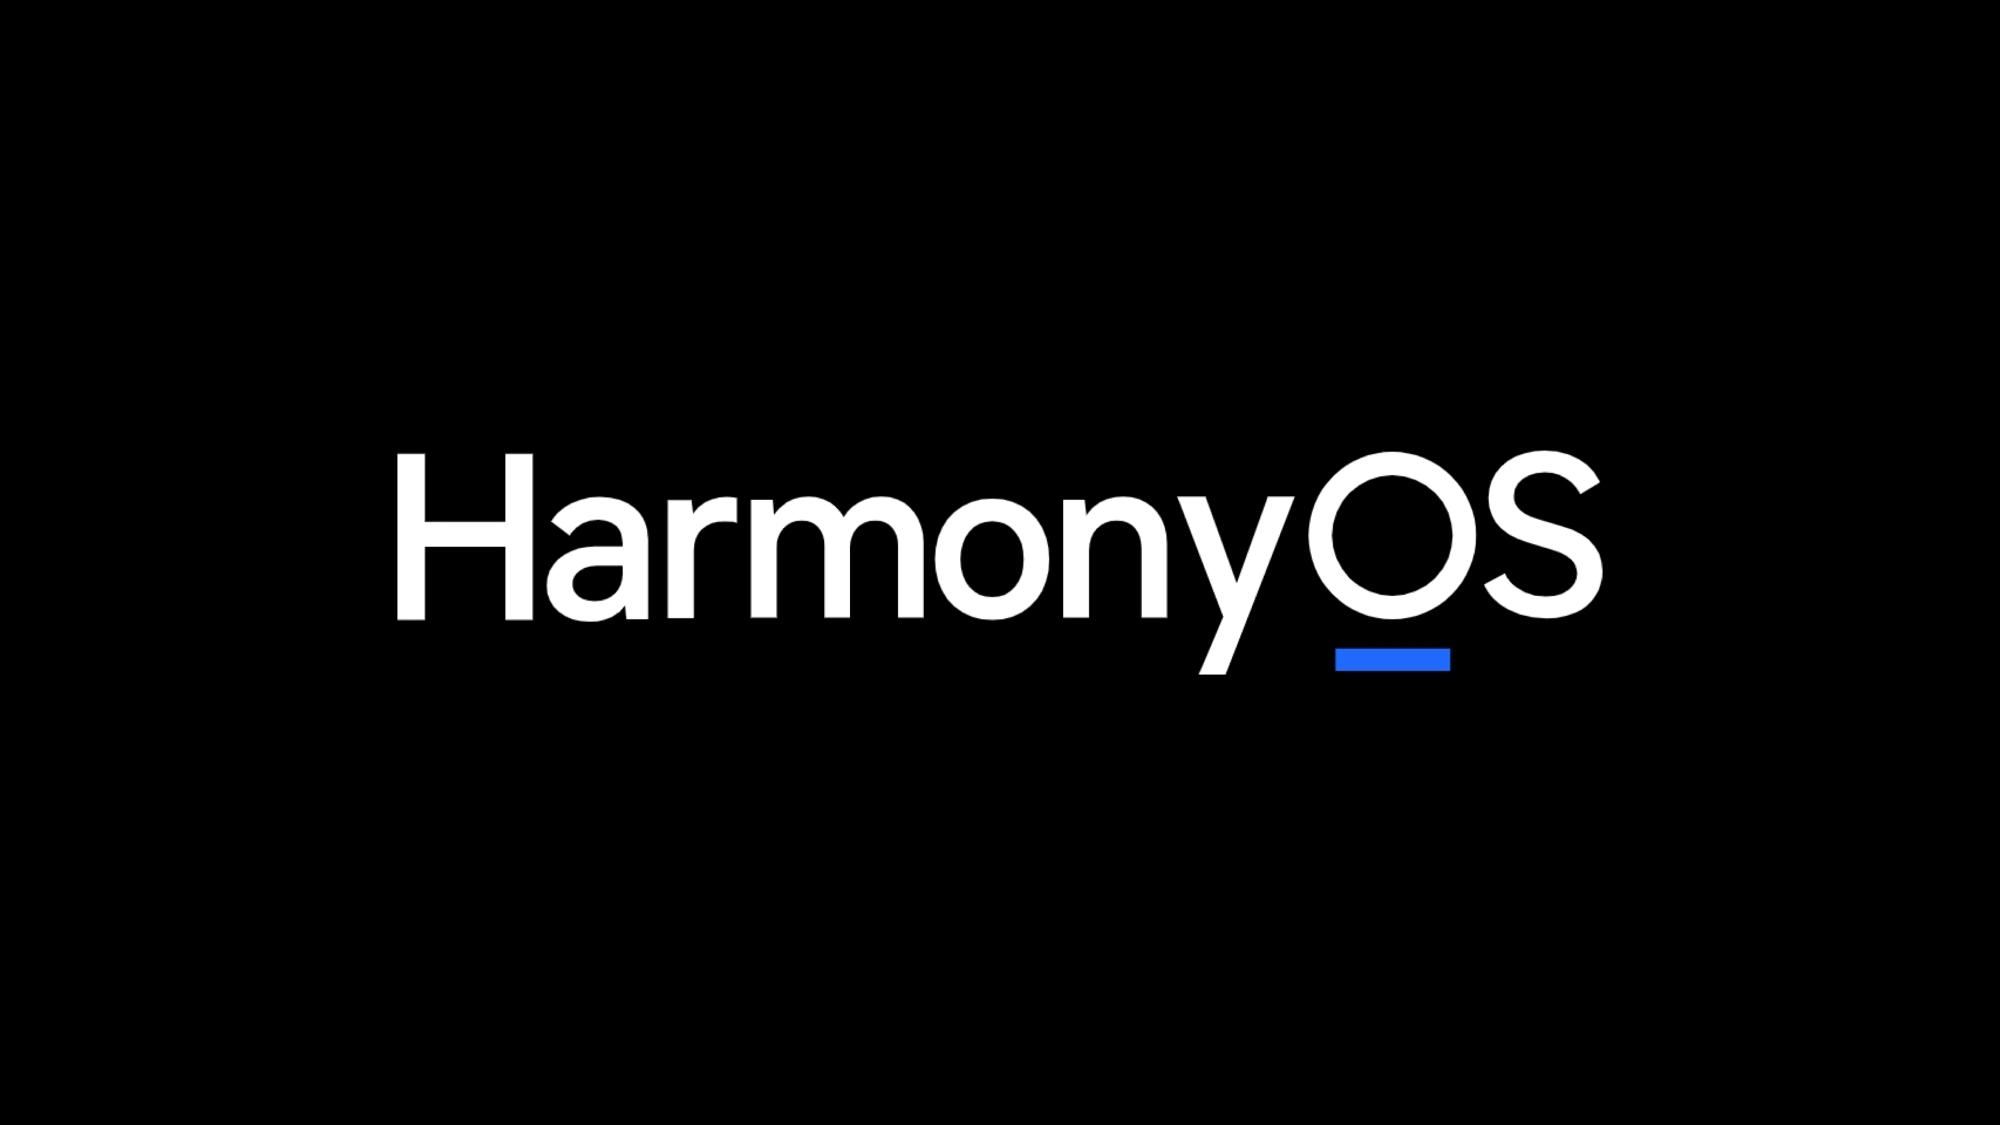 Нет, серия смартфонов Nokia X60 не получит операционную систему HarmonyOS